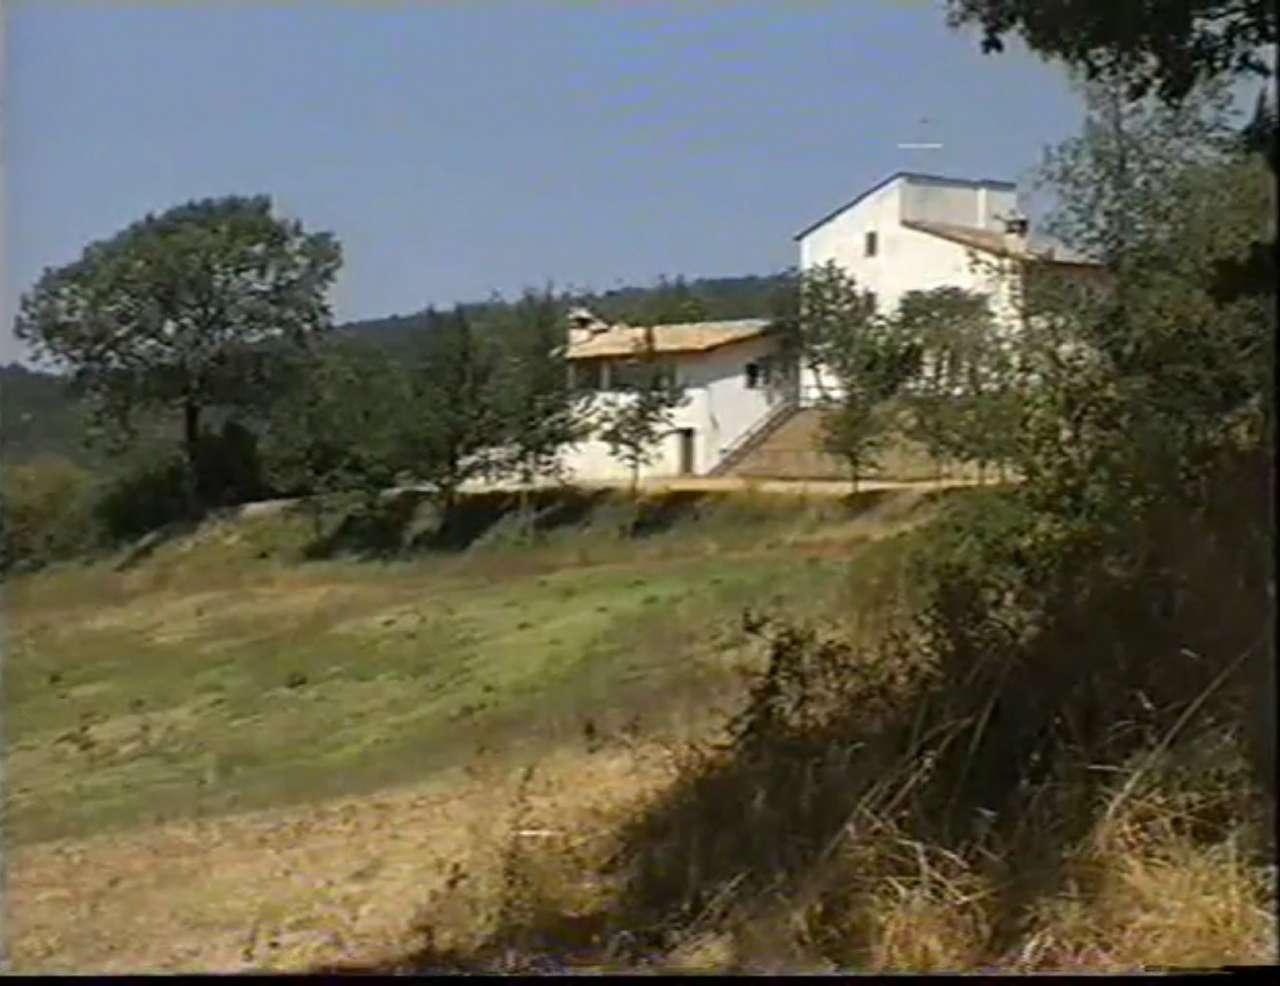 Agriturismo in vendita a Poggio San Lorenzo, 9999 locali, prezzo € 1.290.000 | Cambio Casa.it